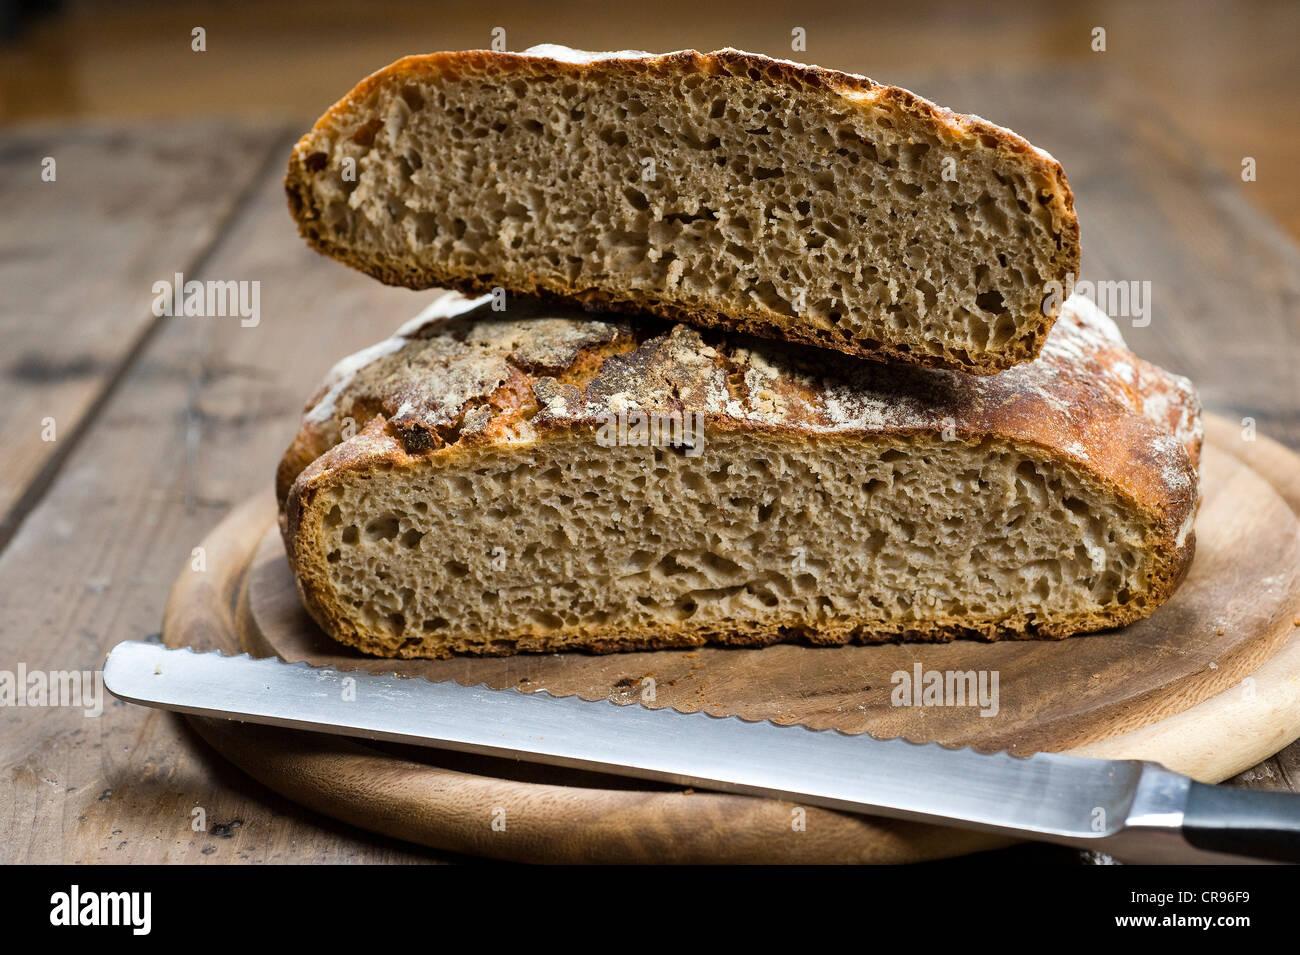 Sauerteigbrot schneiden, der Teig braucht nicht geknetet werden, kneten Brot Stockbild